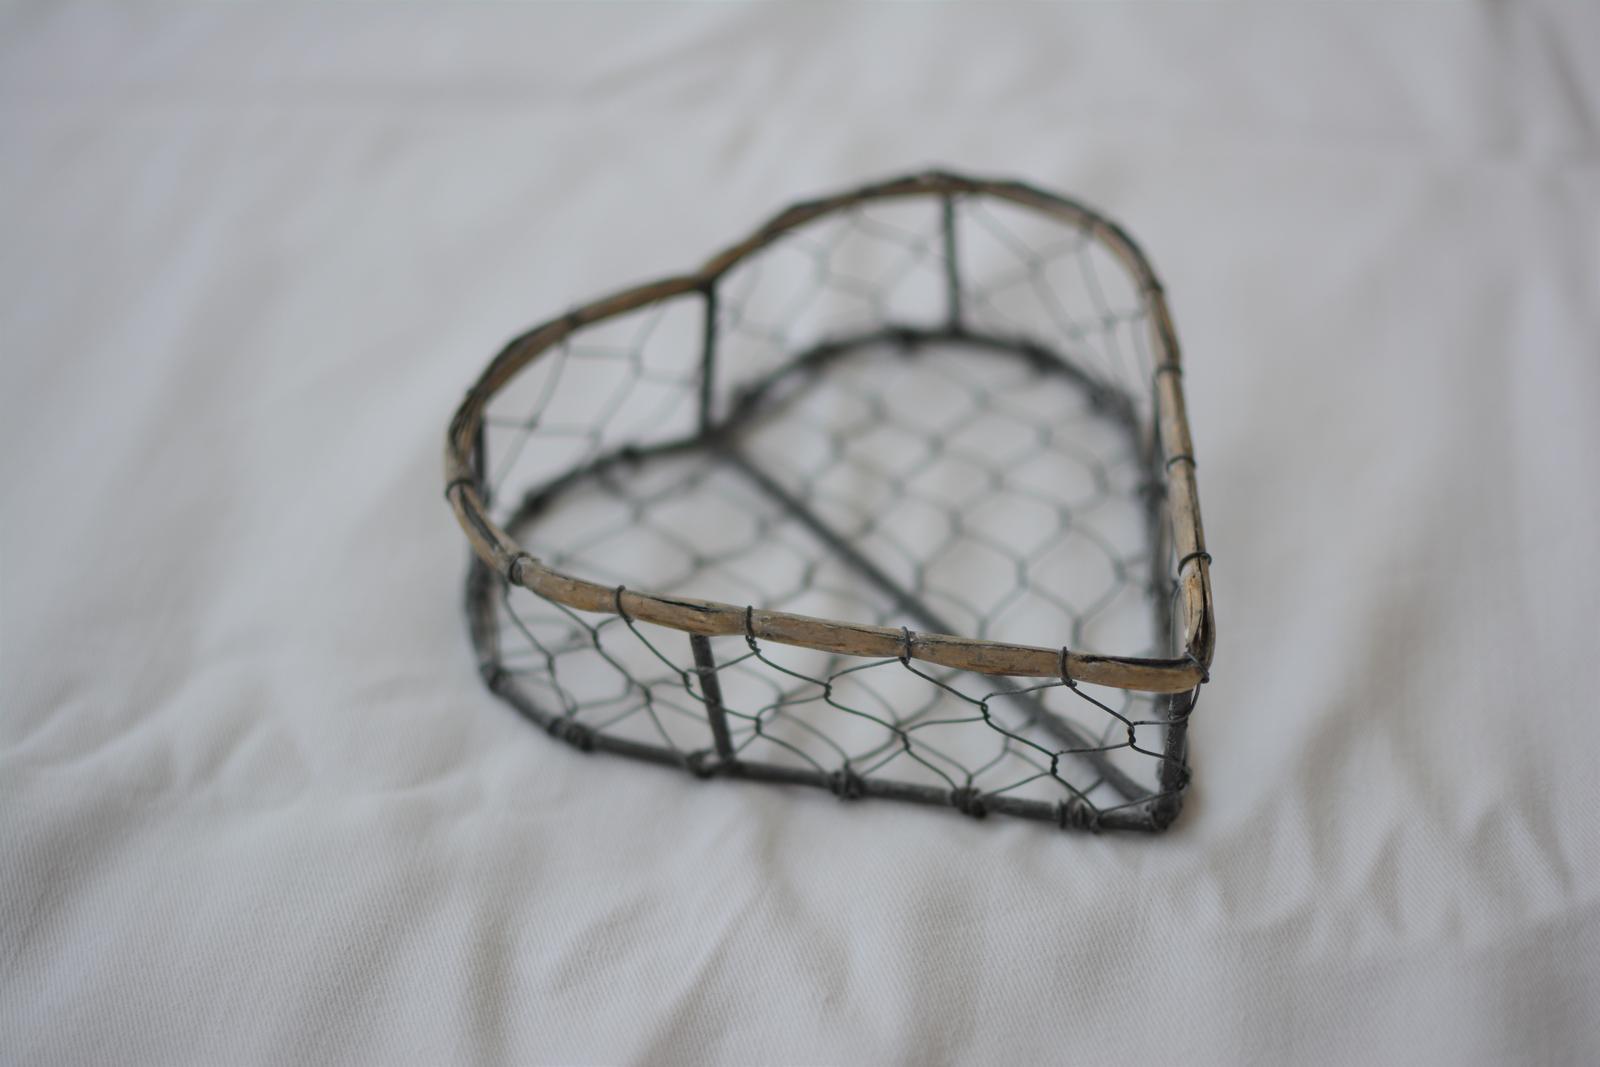 Kovová dekorácia v tvare srdca - Obrázok č. 1